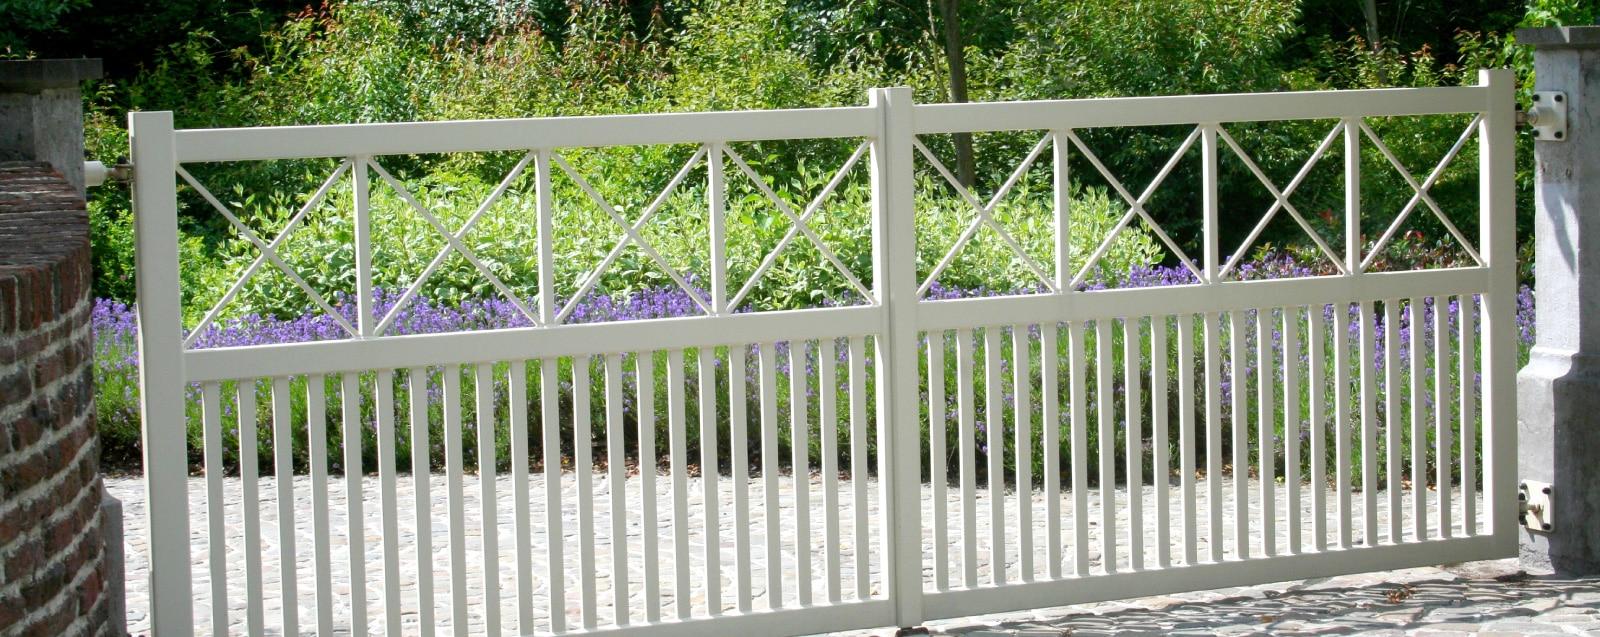 Portail leroy merlin 4m portail coulissant aluminium rioave gris l cm x h with portail leroy for Barriere de jardin belgique